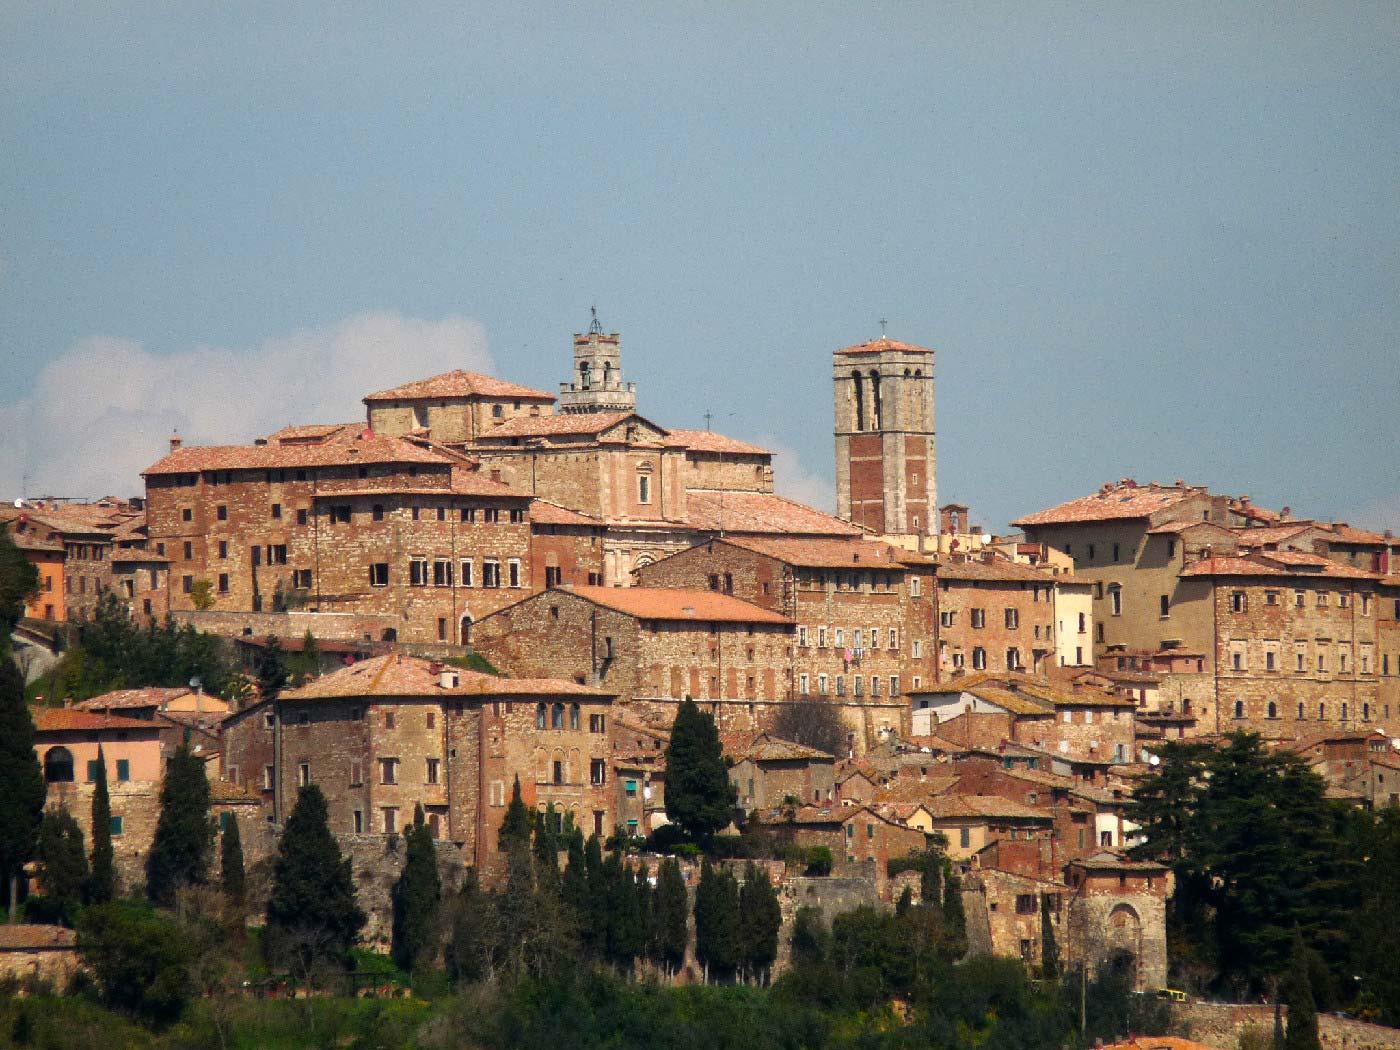 I luoghi da visitare fuori dal centro storico di Montepulciano